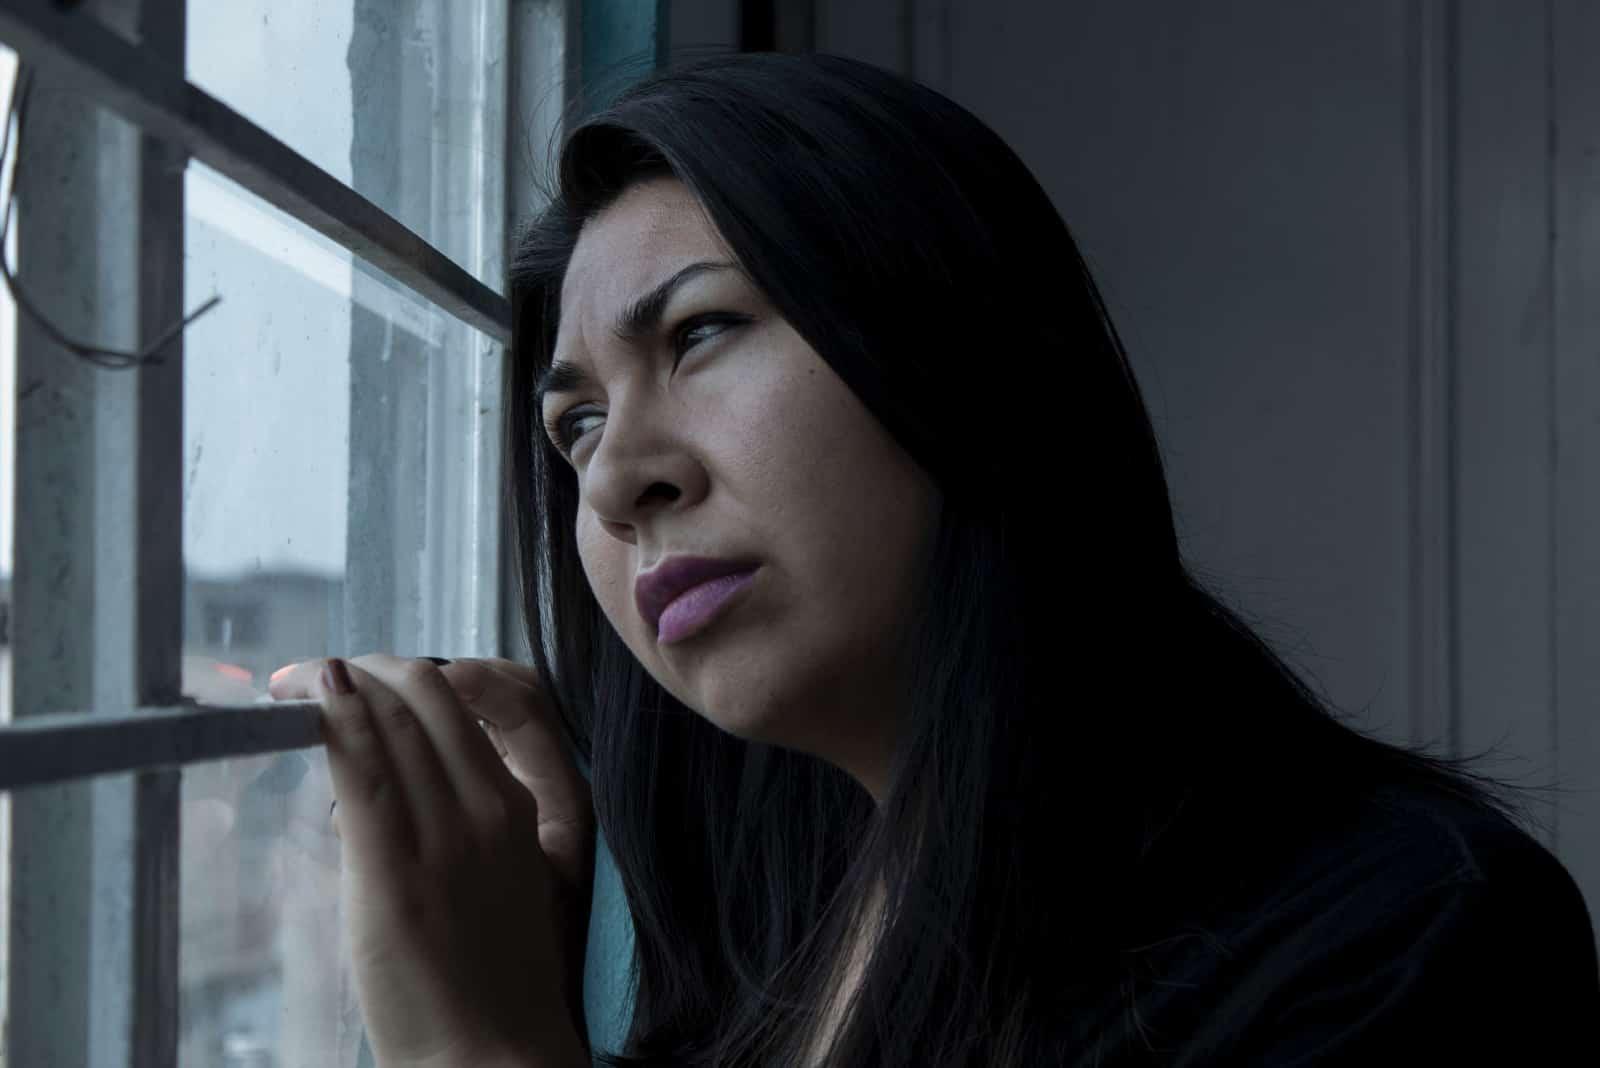 femme pensive avec du rouge à lèvres rose regardant par la fenêtre